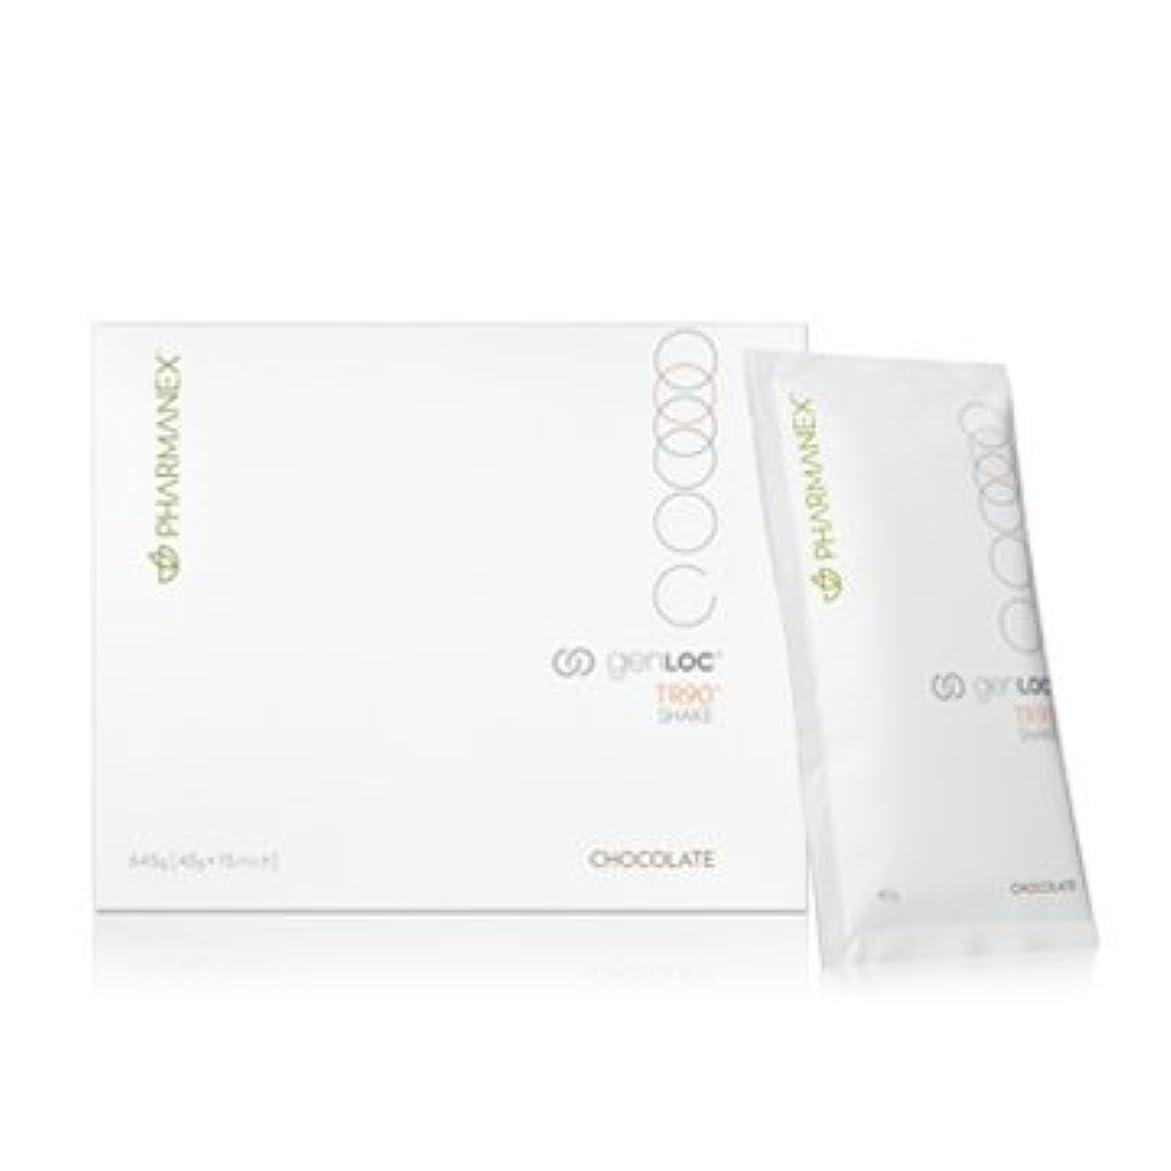 手紙を書く仕立て屋結晶ニュースキン genLOC TR90 シェイク (チョコレート)15パック入り 03003578